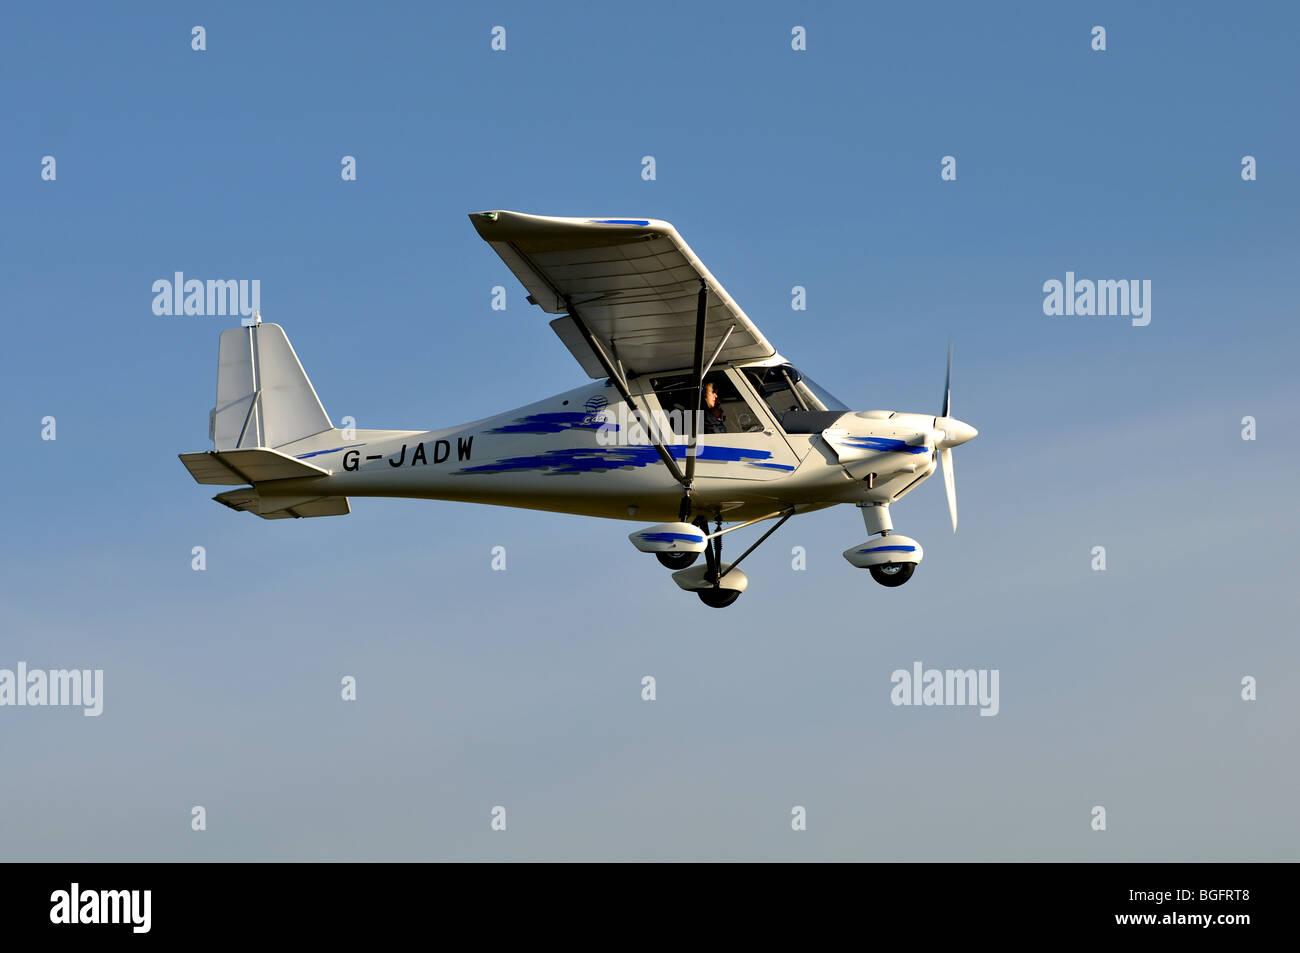 Ikarus C42 Flugzeug G Jadw Nahenden Wellesbourne Flugplatz